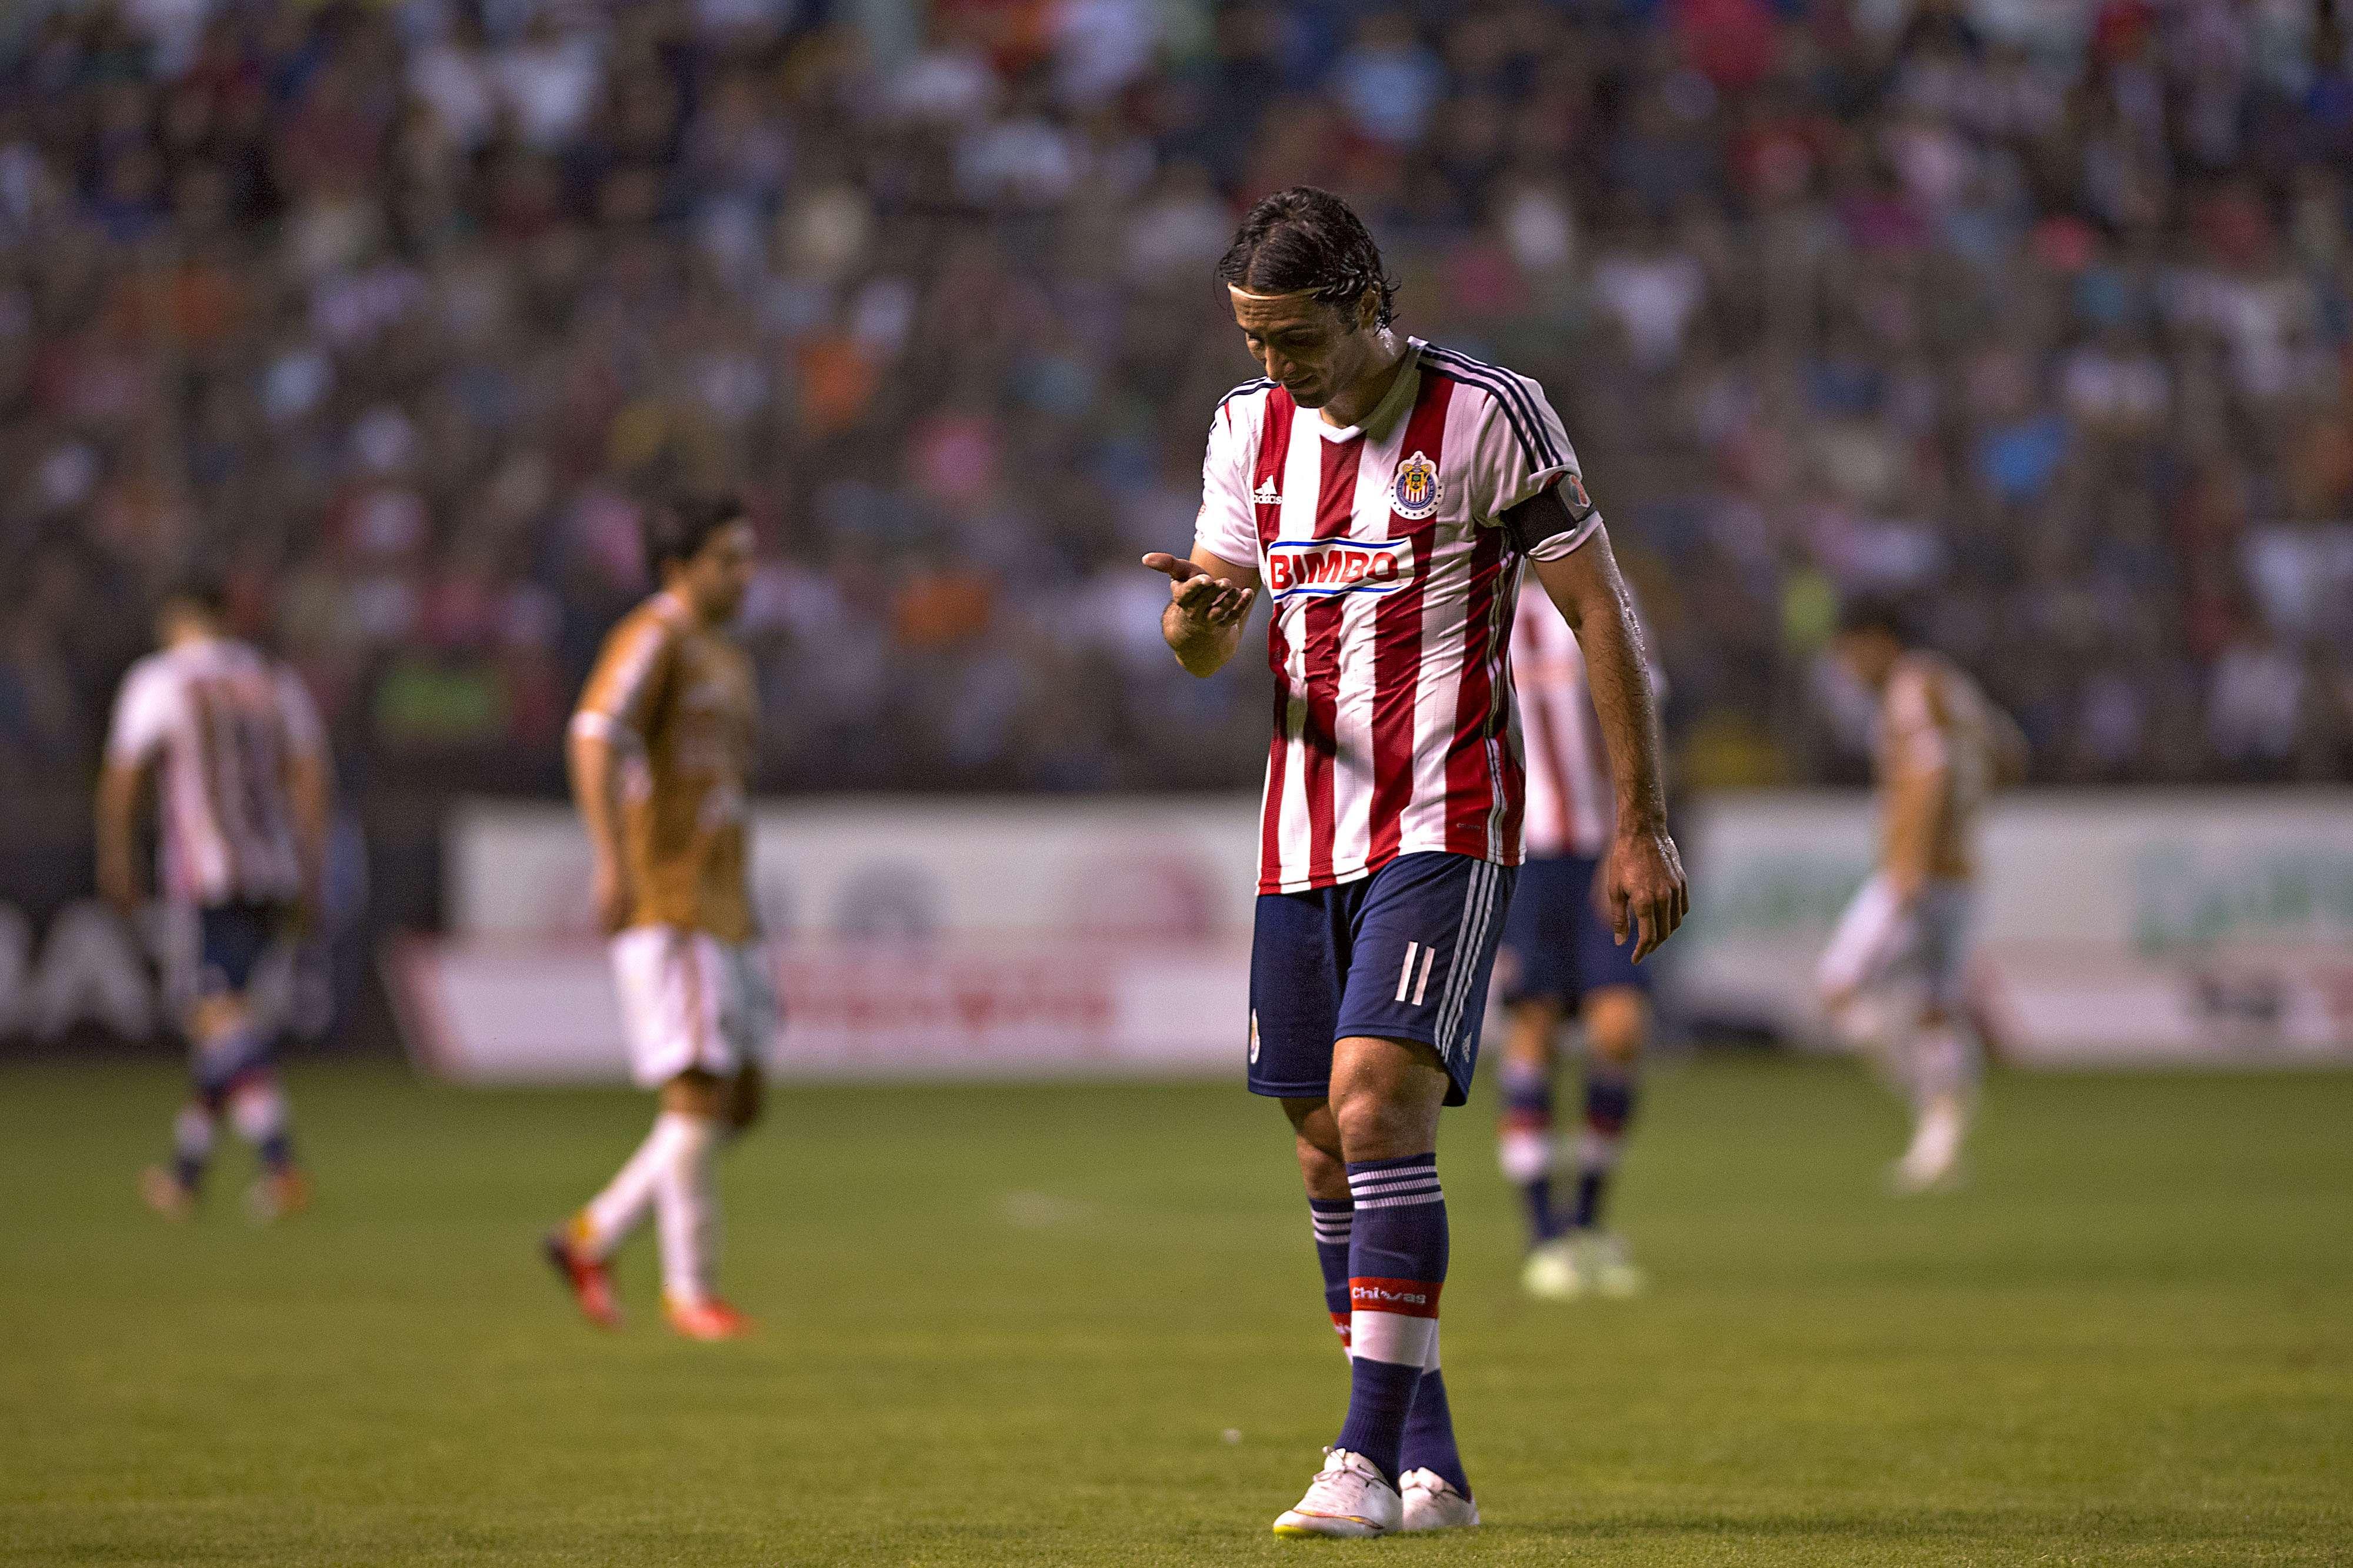 Dorados derrota por la mínima diferencia a Chivas y se queda con el punto extra de la llave. Foto: Mexsport